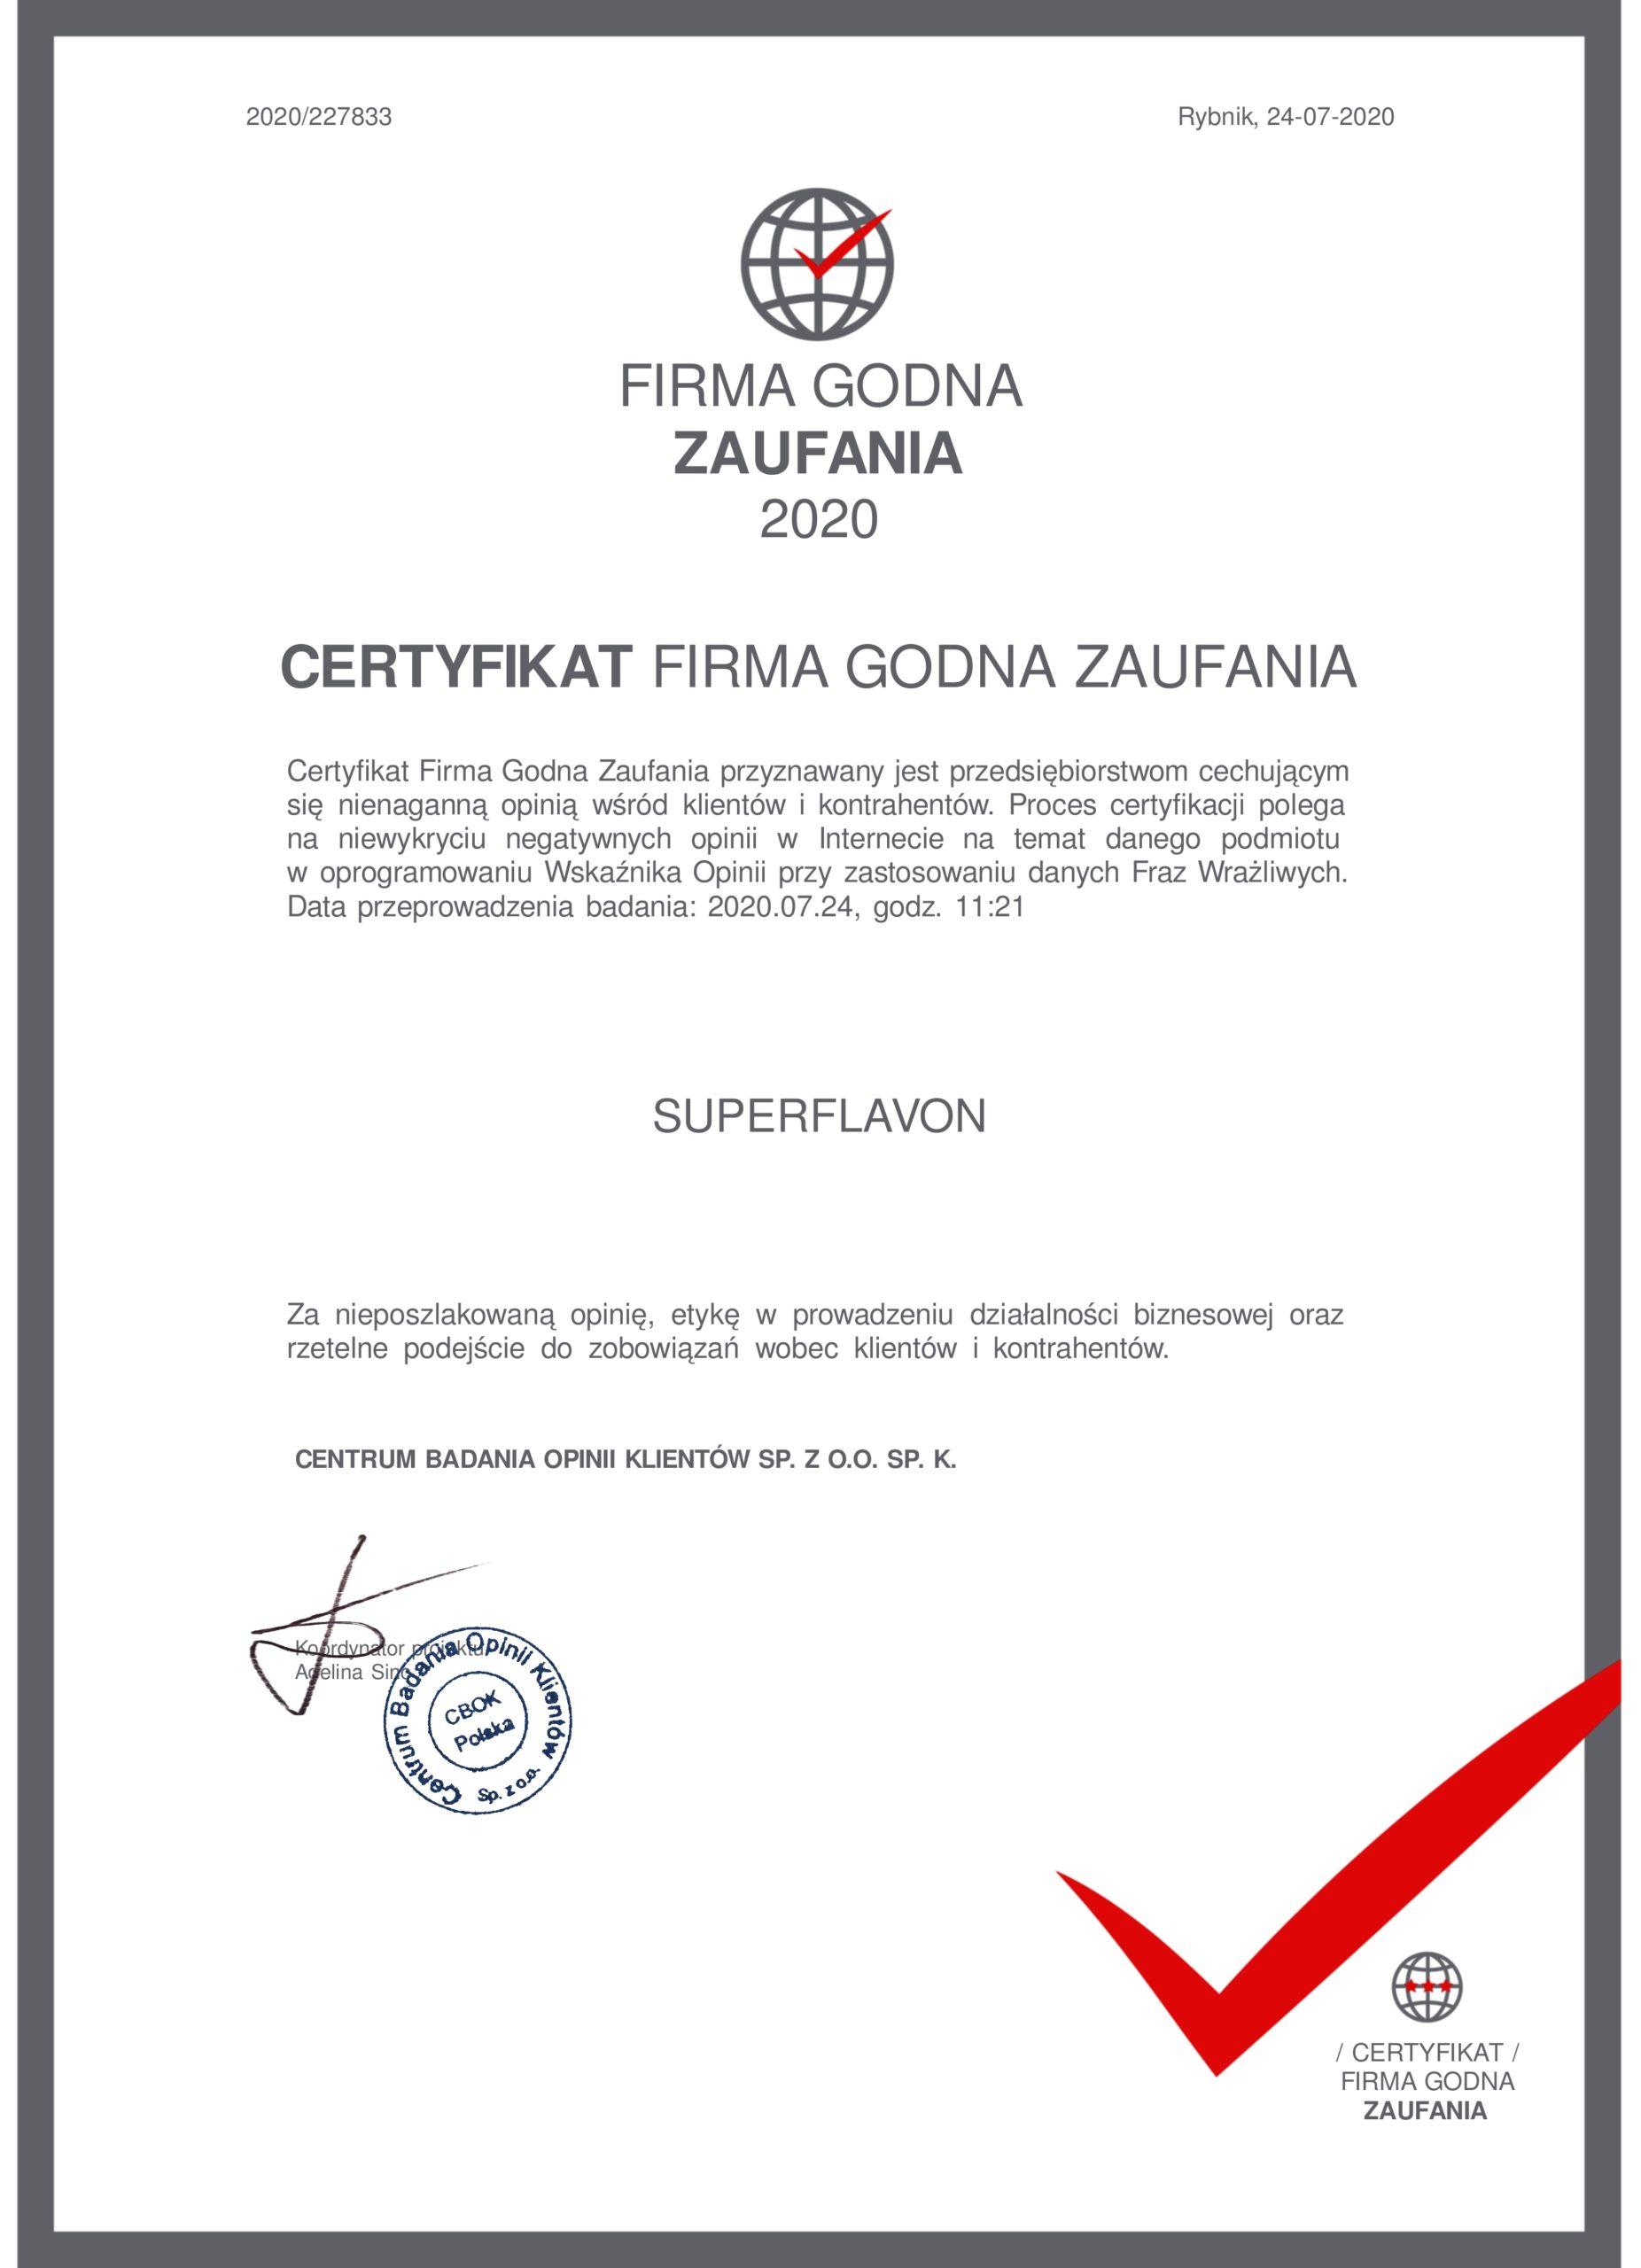 Certyfikat Firma Godna Zaufania 2020